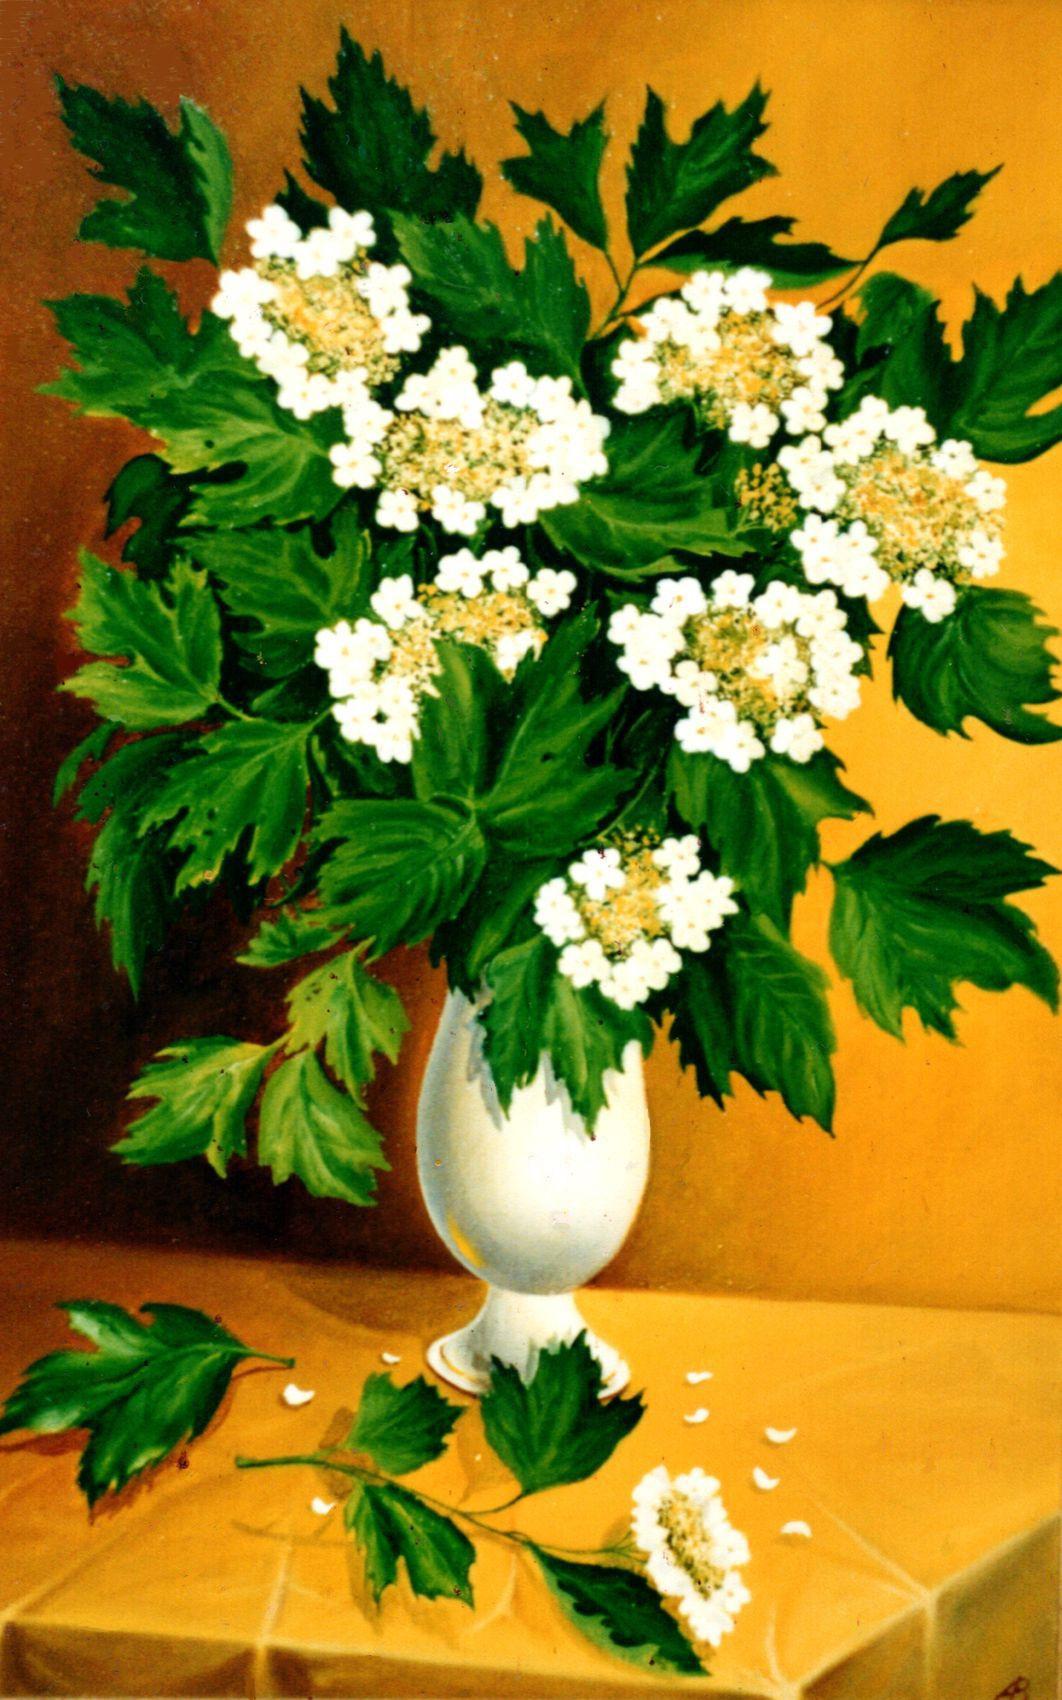 Vladimir Vasilyevich Abaimov. The White Snowball Tree 1